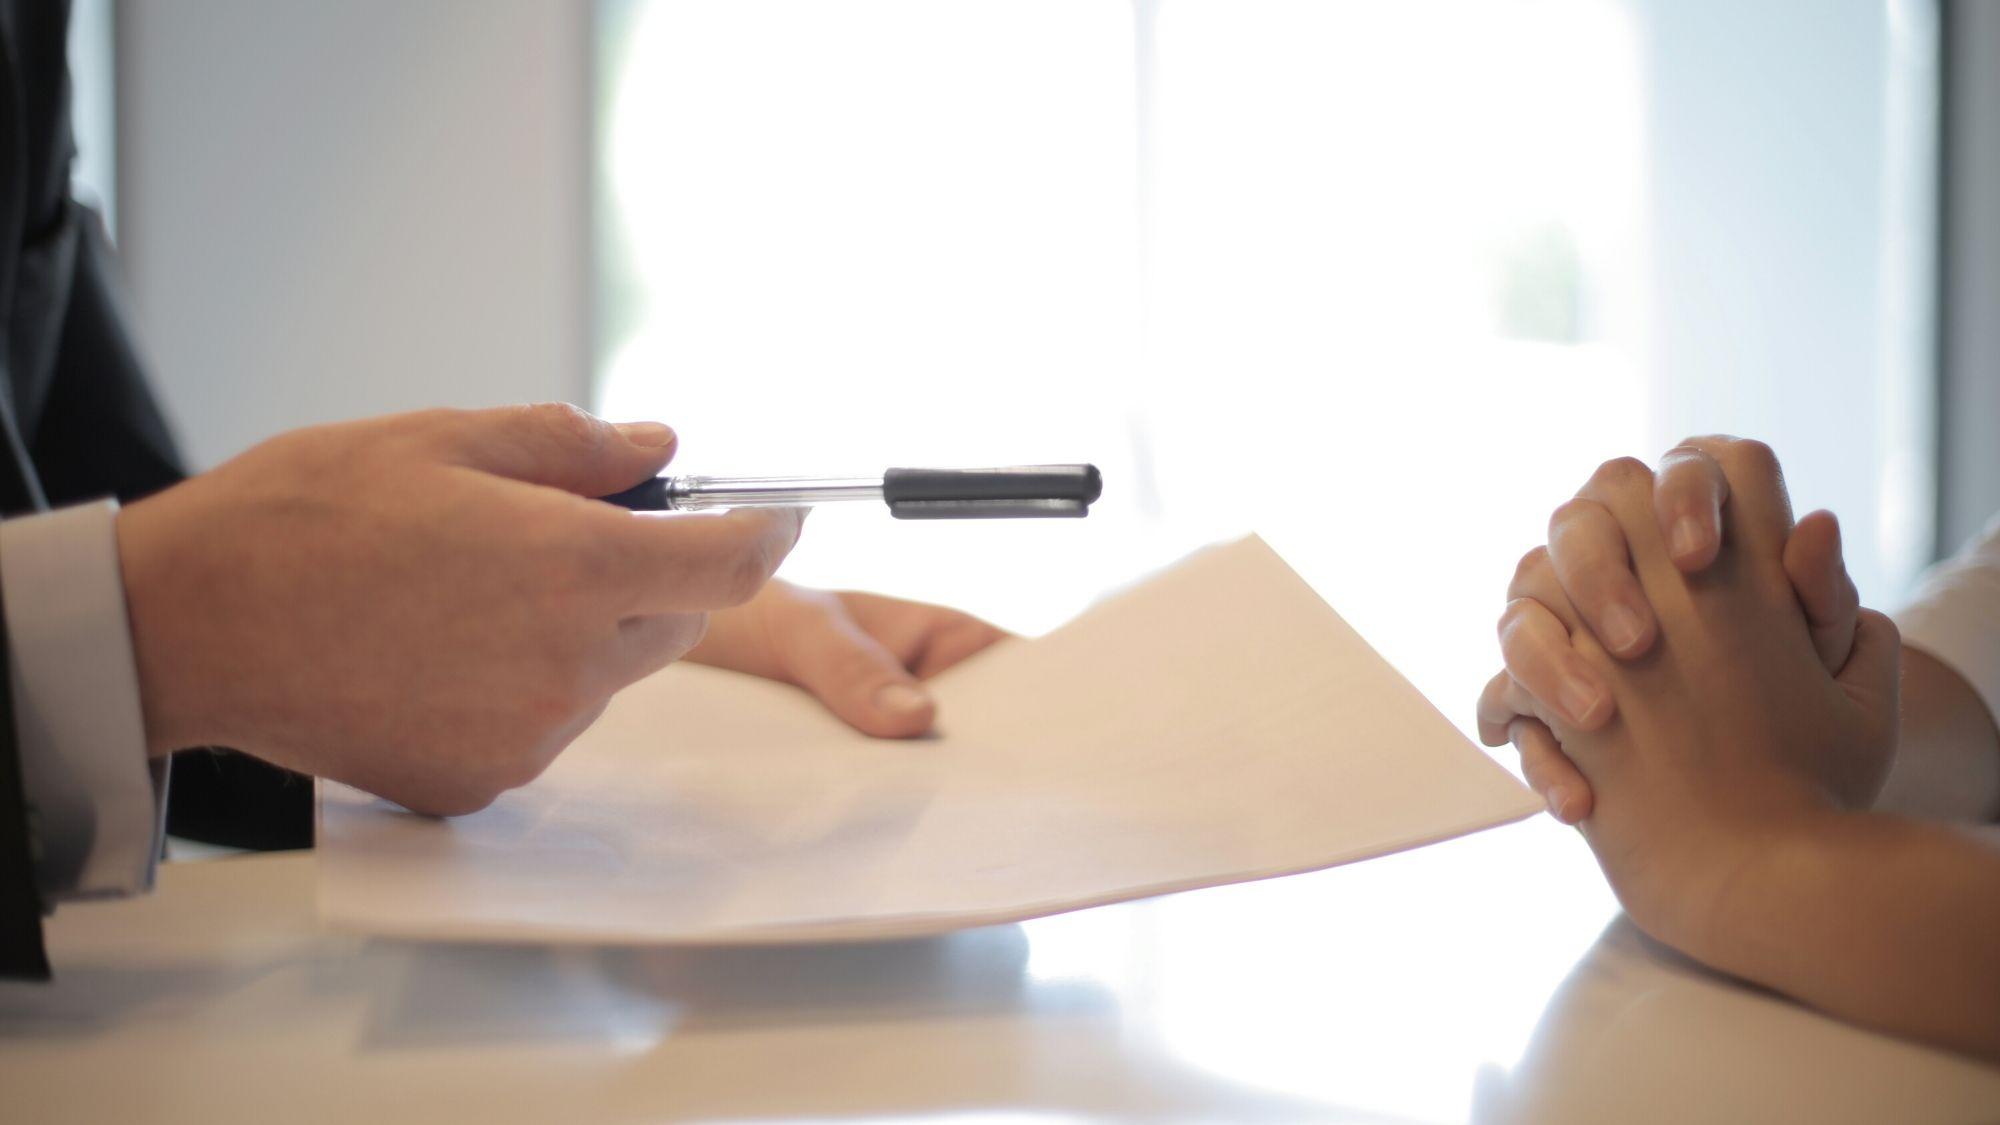 חתימה - הלוואות כנגד חיסכון